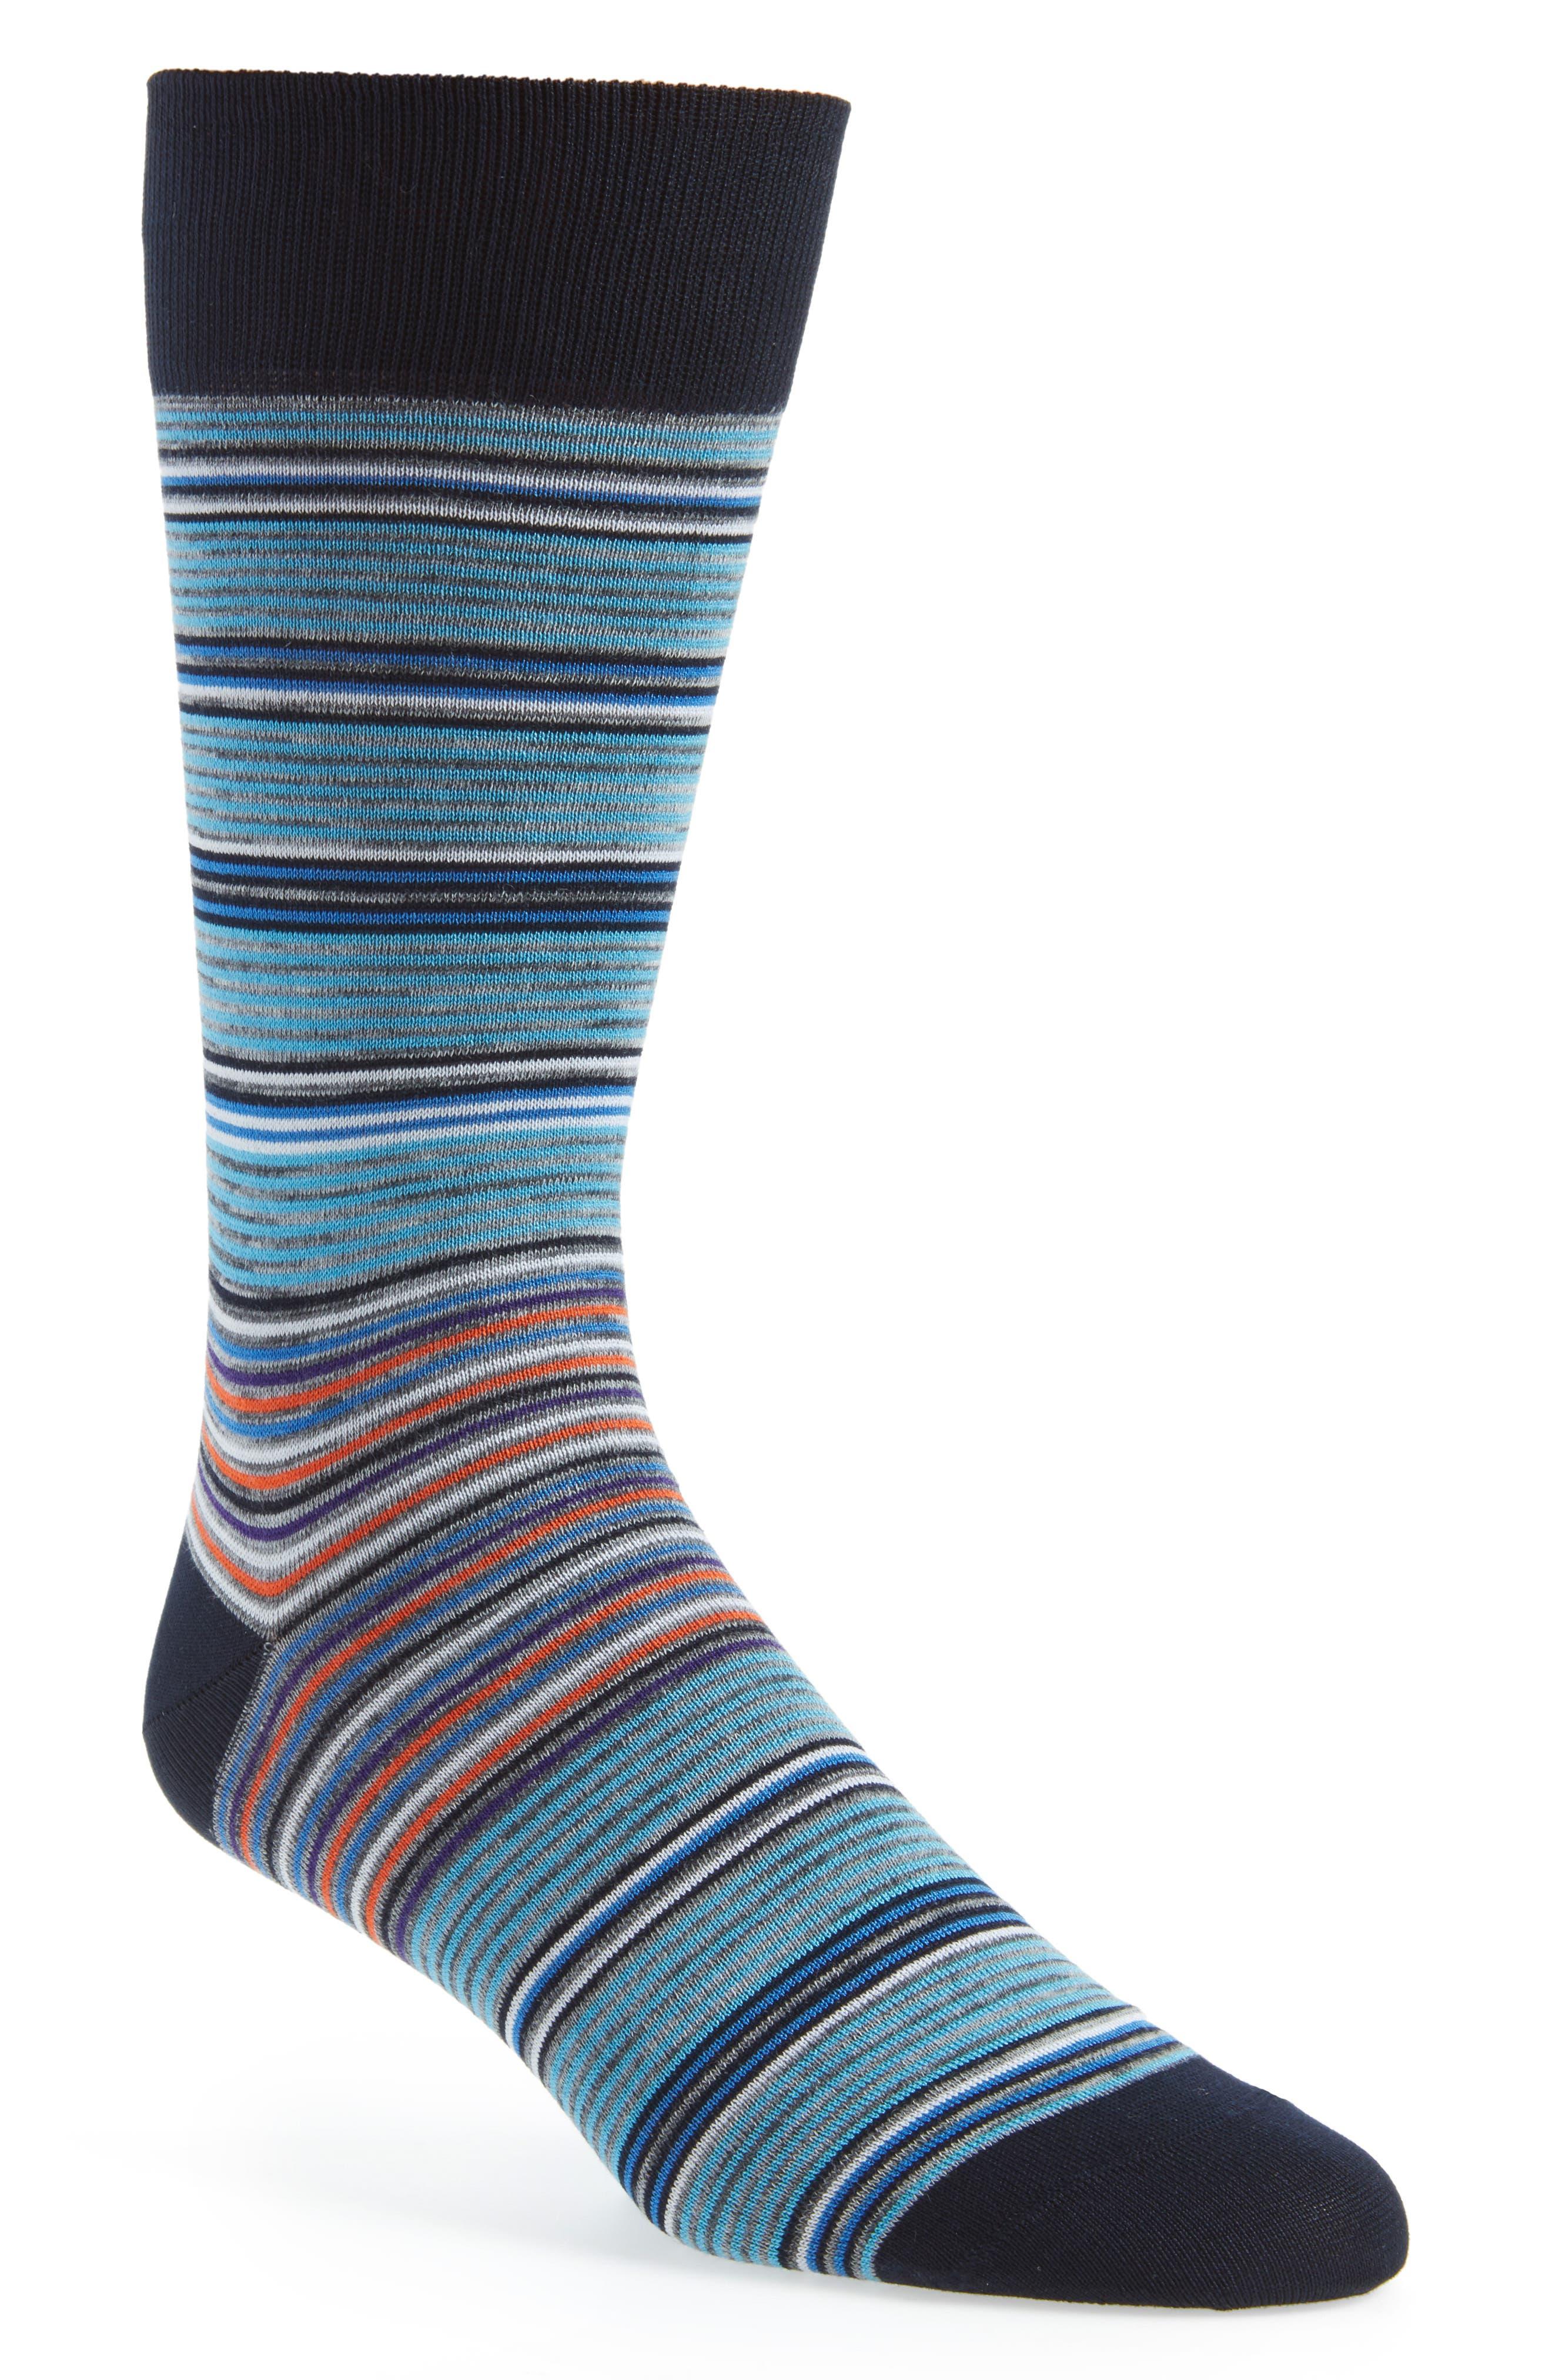 Cotton Blend Socks,                         Main,                         color, Mint